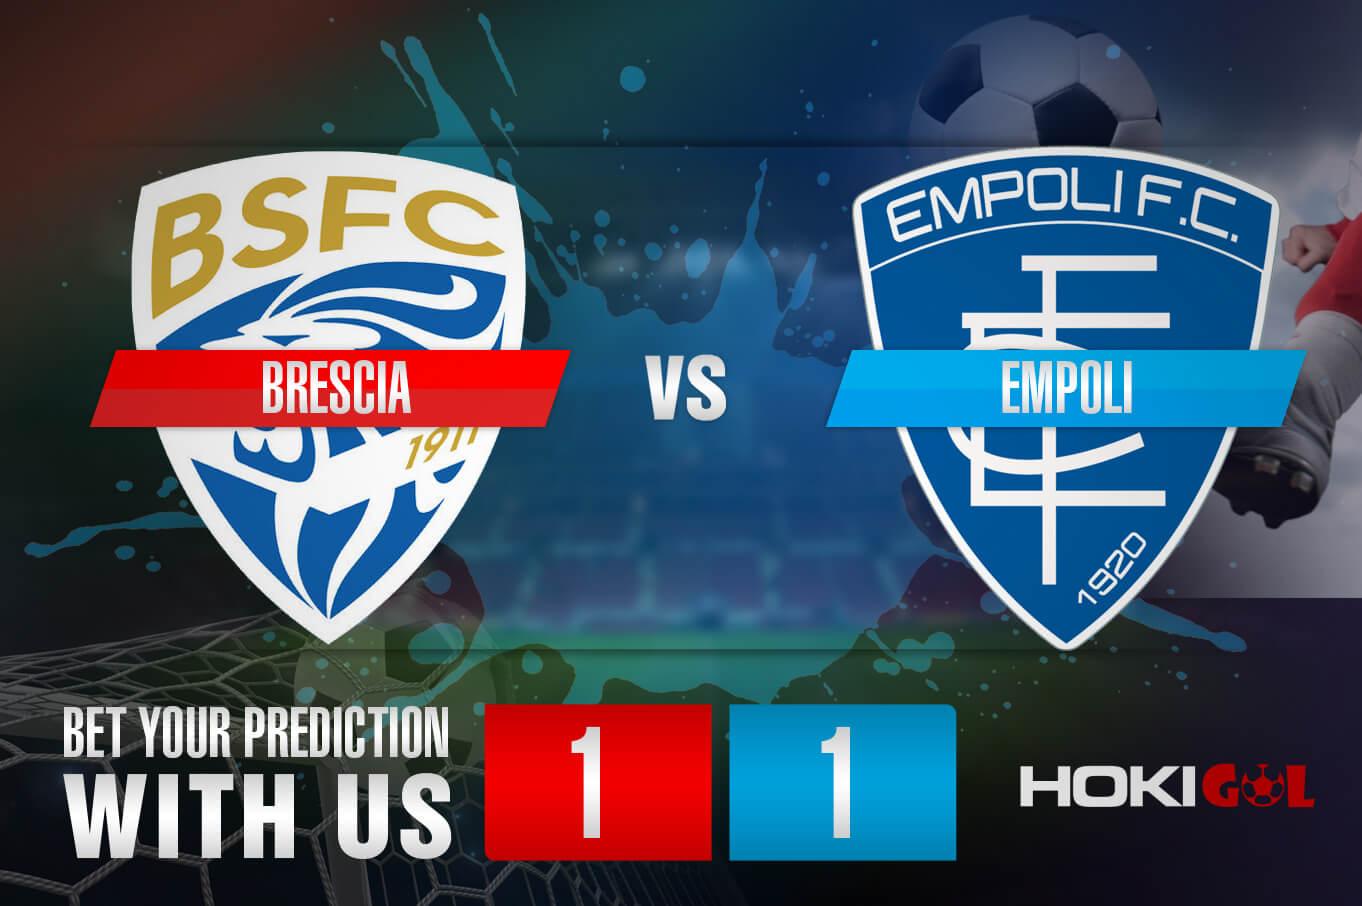 Prediksi Bola Brescia Vs Empoli 28 Desember 2020